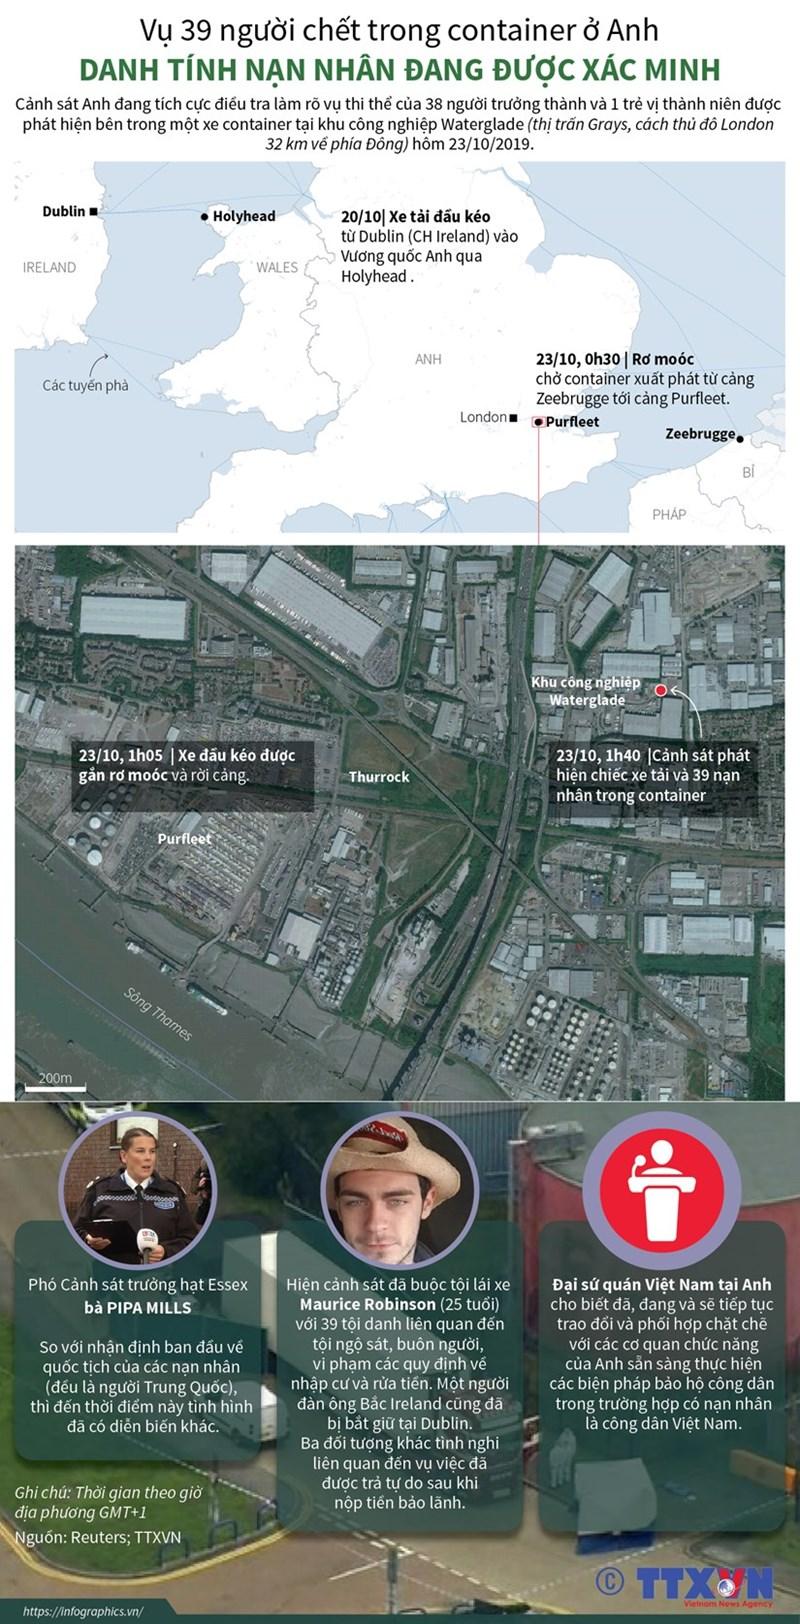 [Infographics] Xác minh danh tính nạn nhân vụ 39 người chết trong container - Ảnh 1